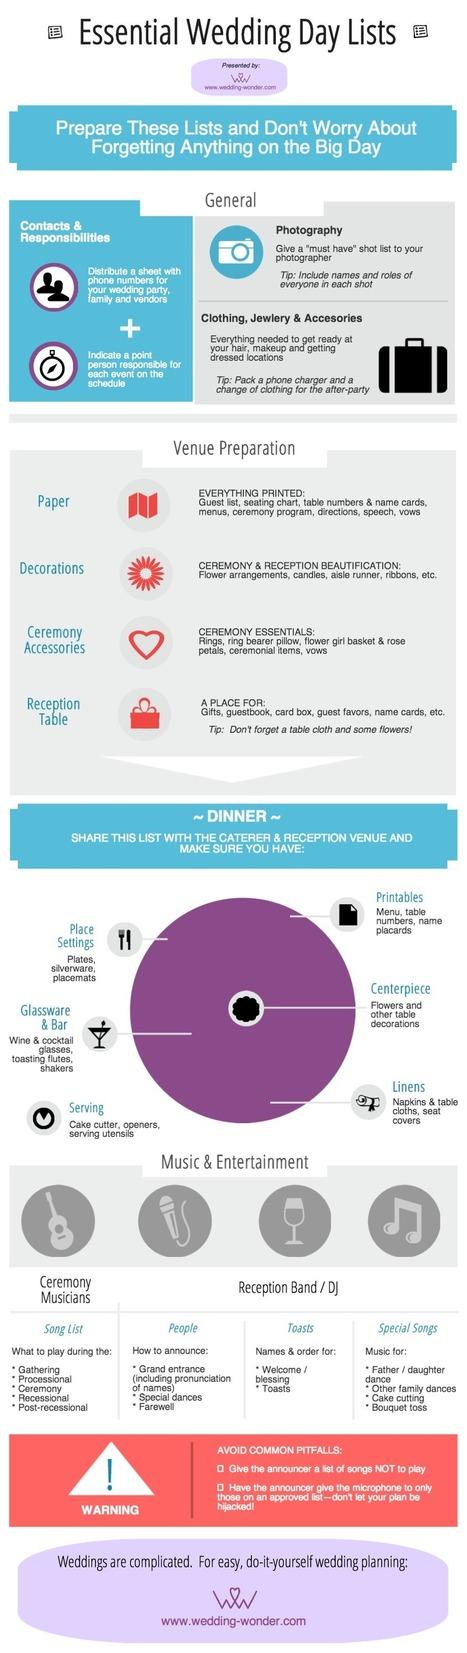 Essential Wedding Day Lists [Infographic] - Wedding Wonder | FlutterFETTI | Scoop.it